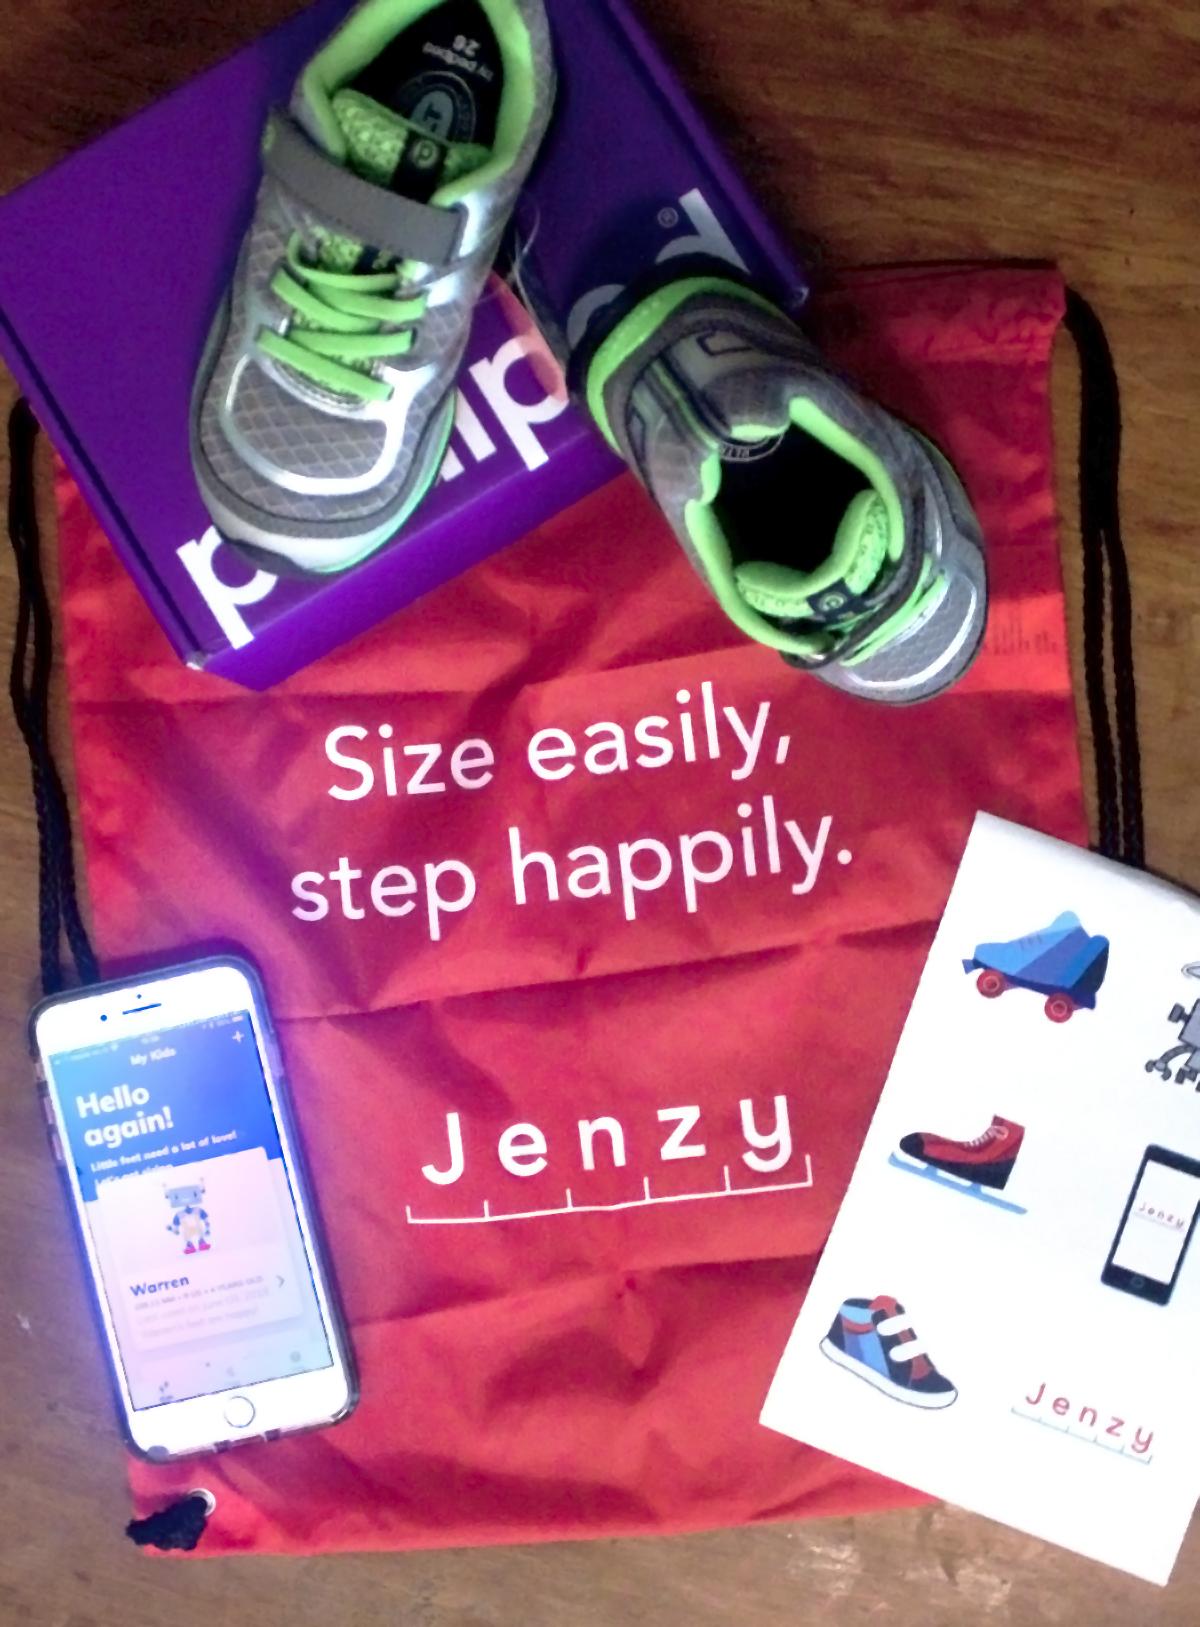 Jenzy app